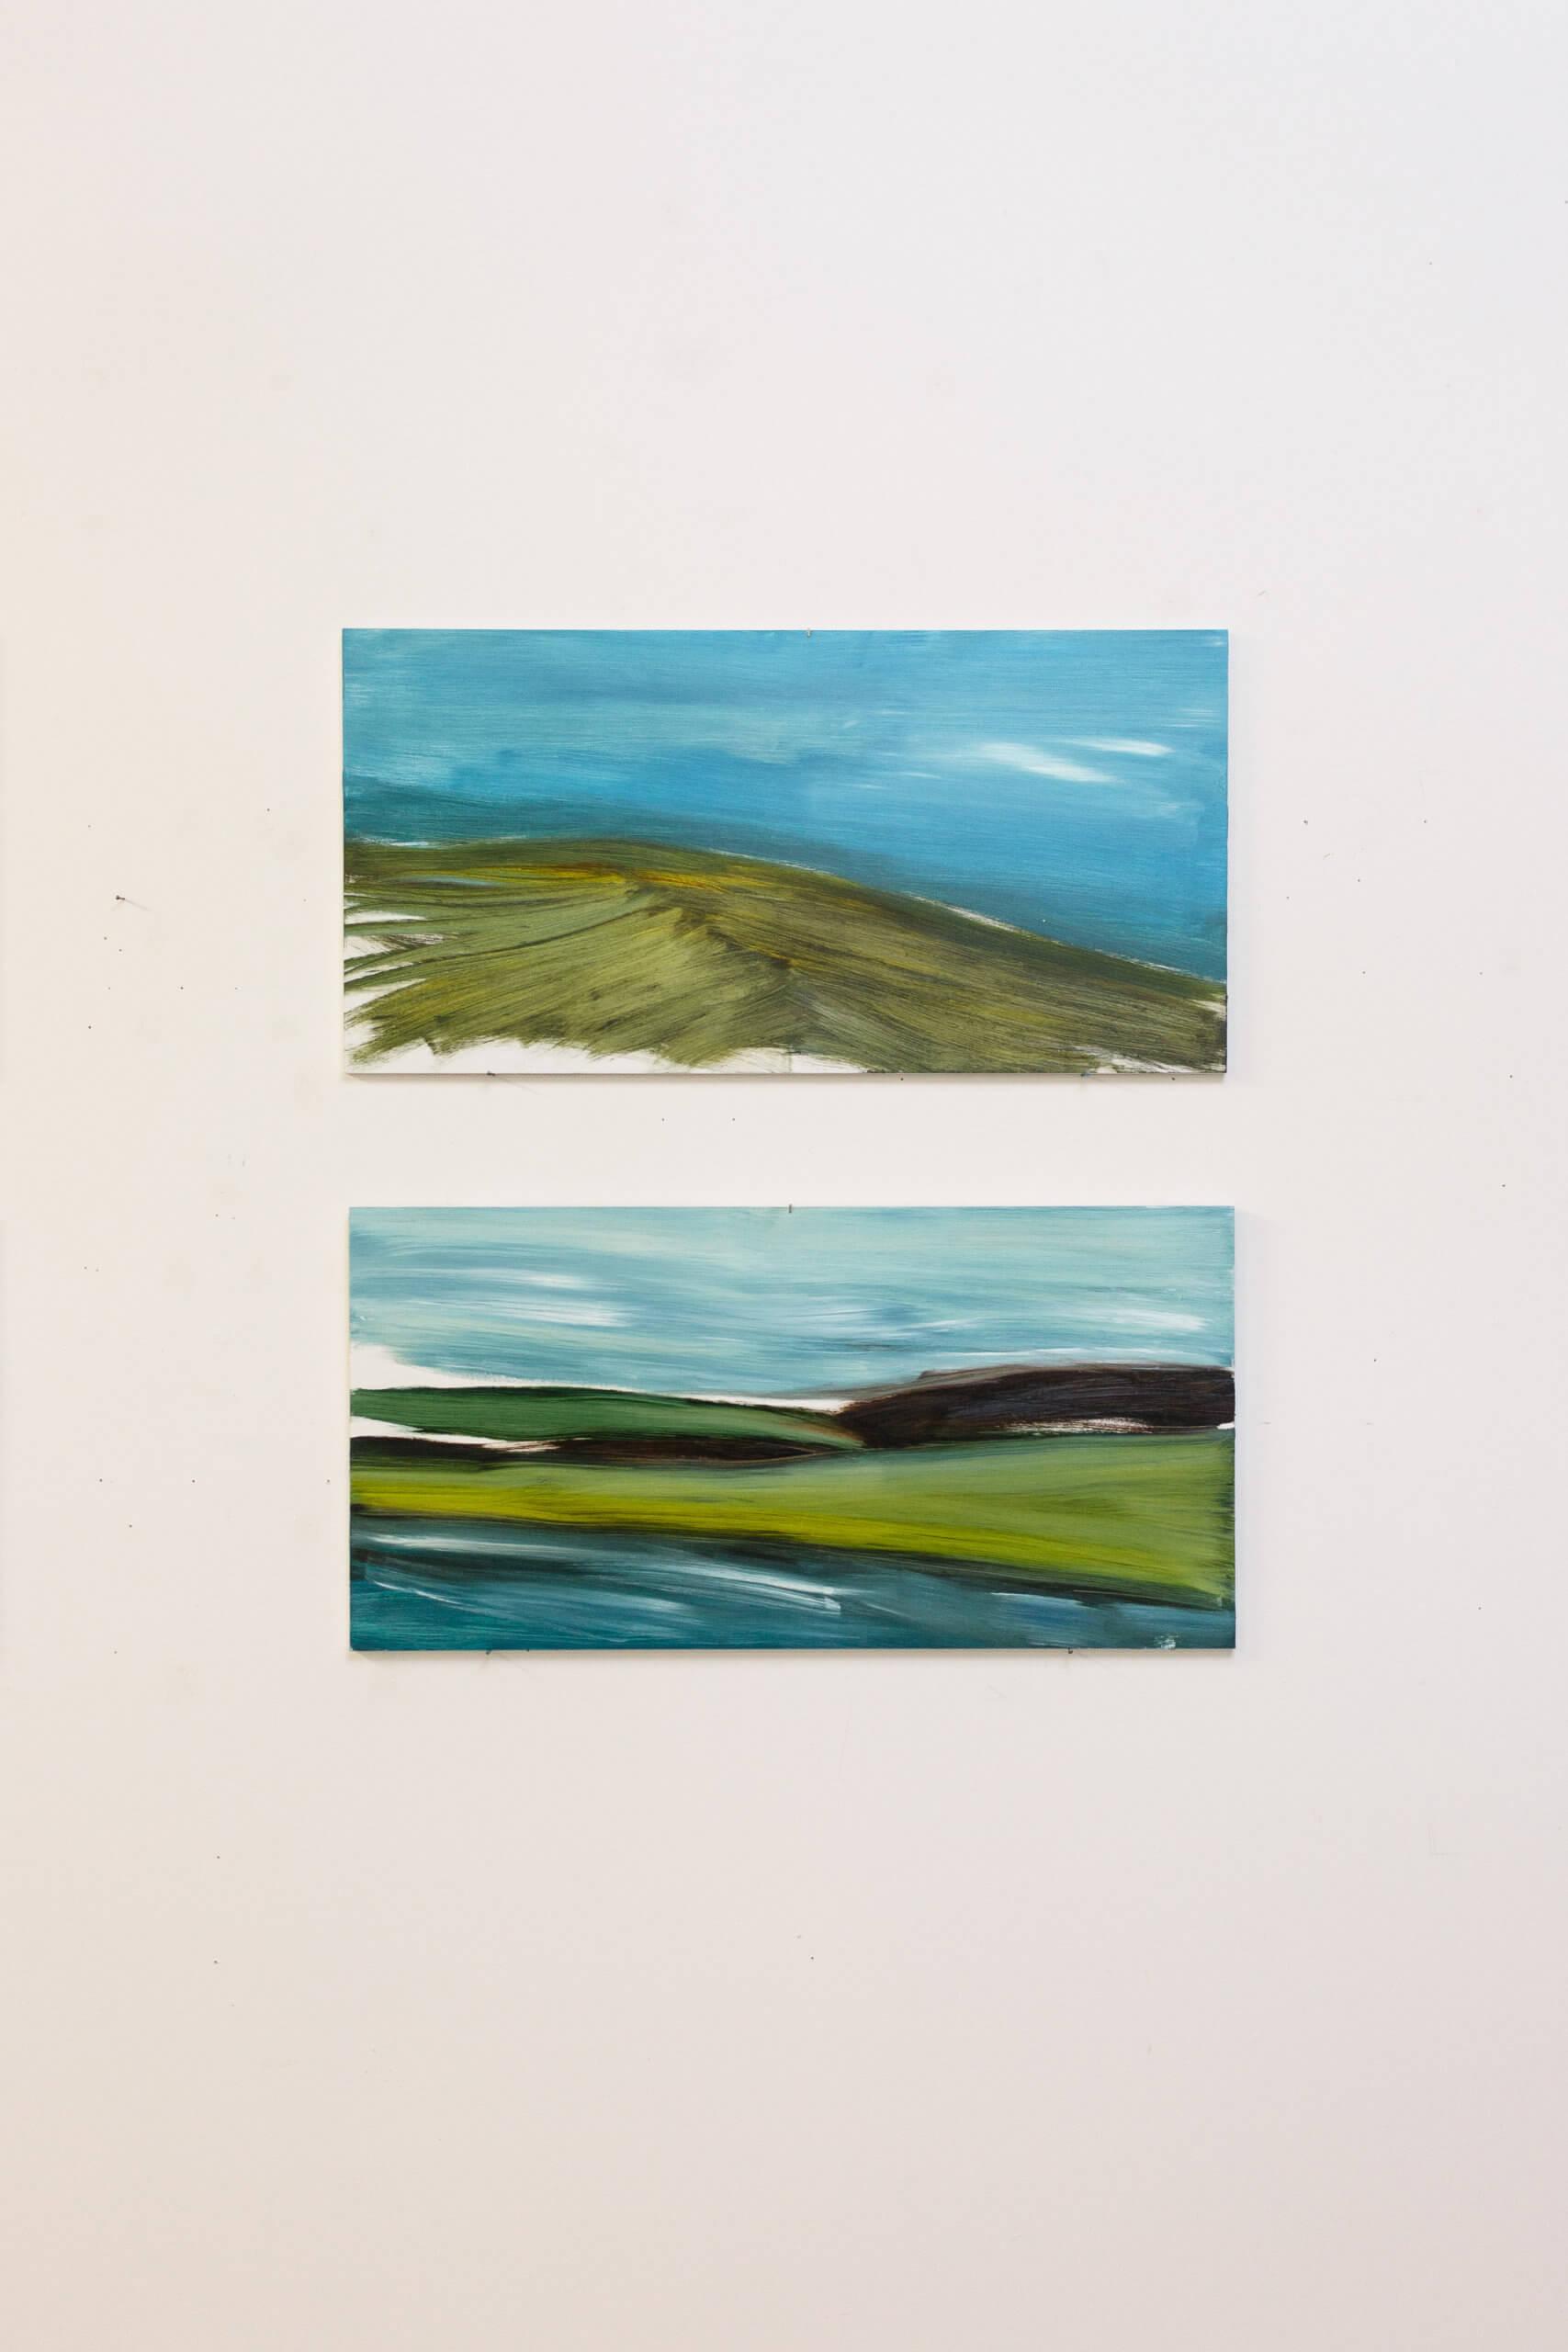 """Zwei Landschaften in Öl, aus der Serie """"Places of Longing"""" von Monika Humm hängen an einer Wand"""